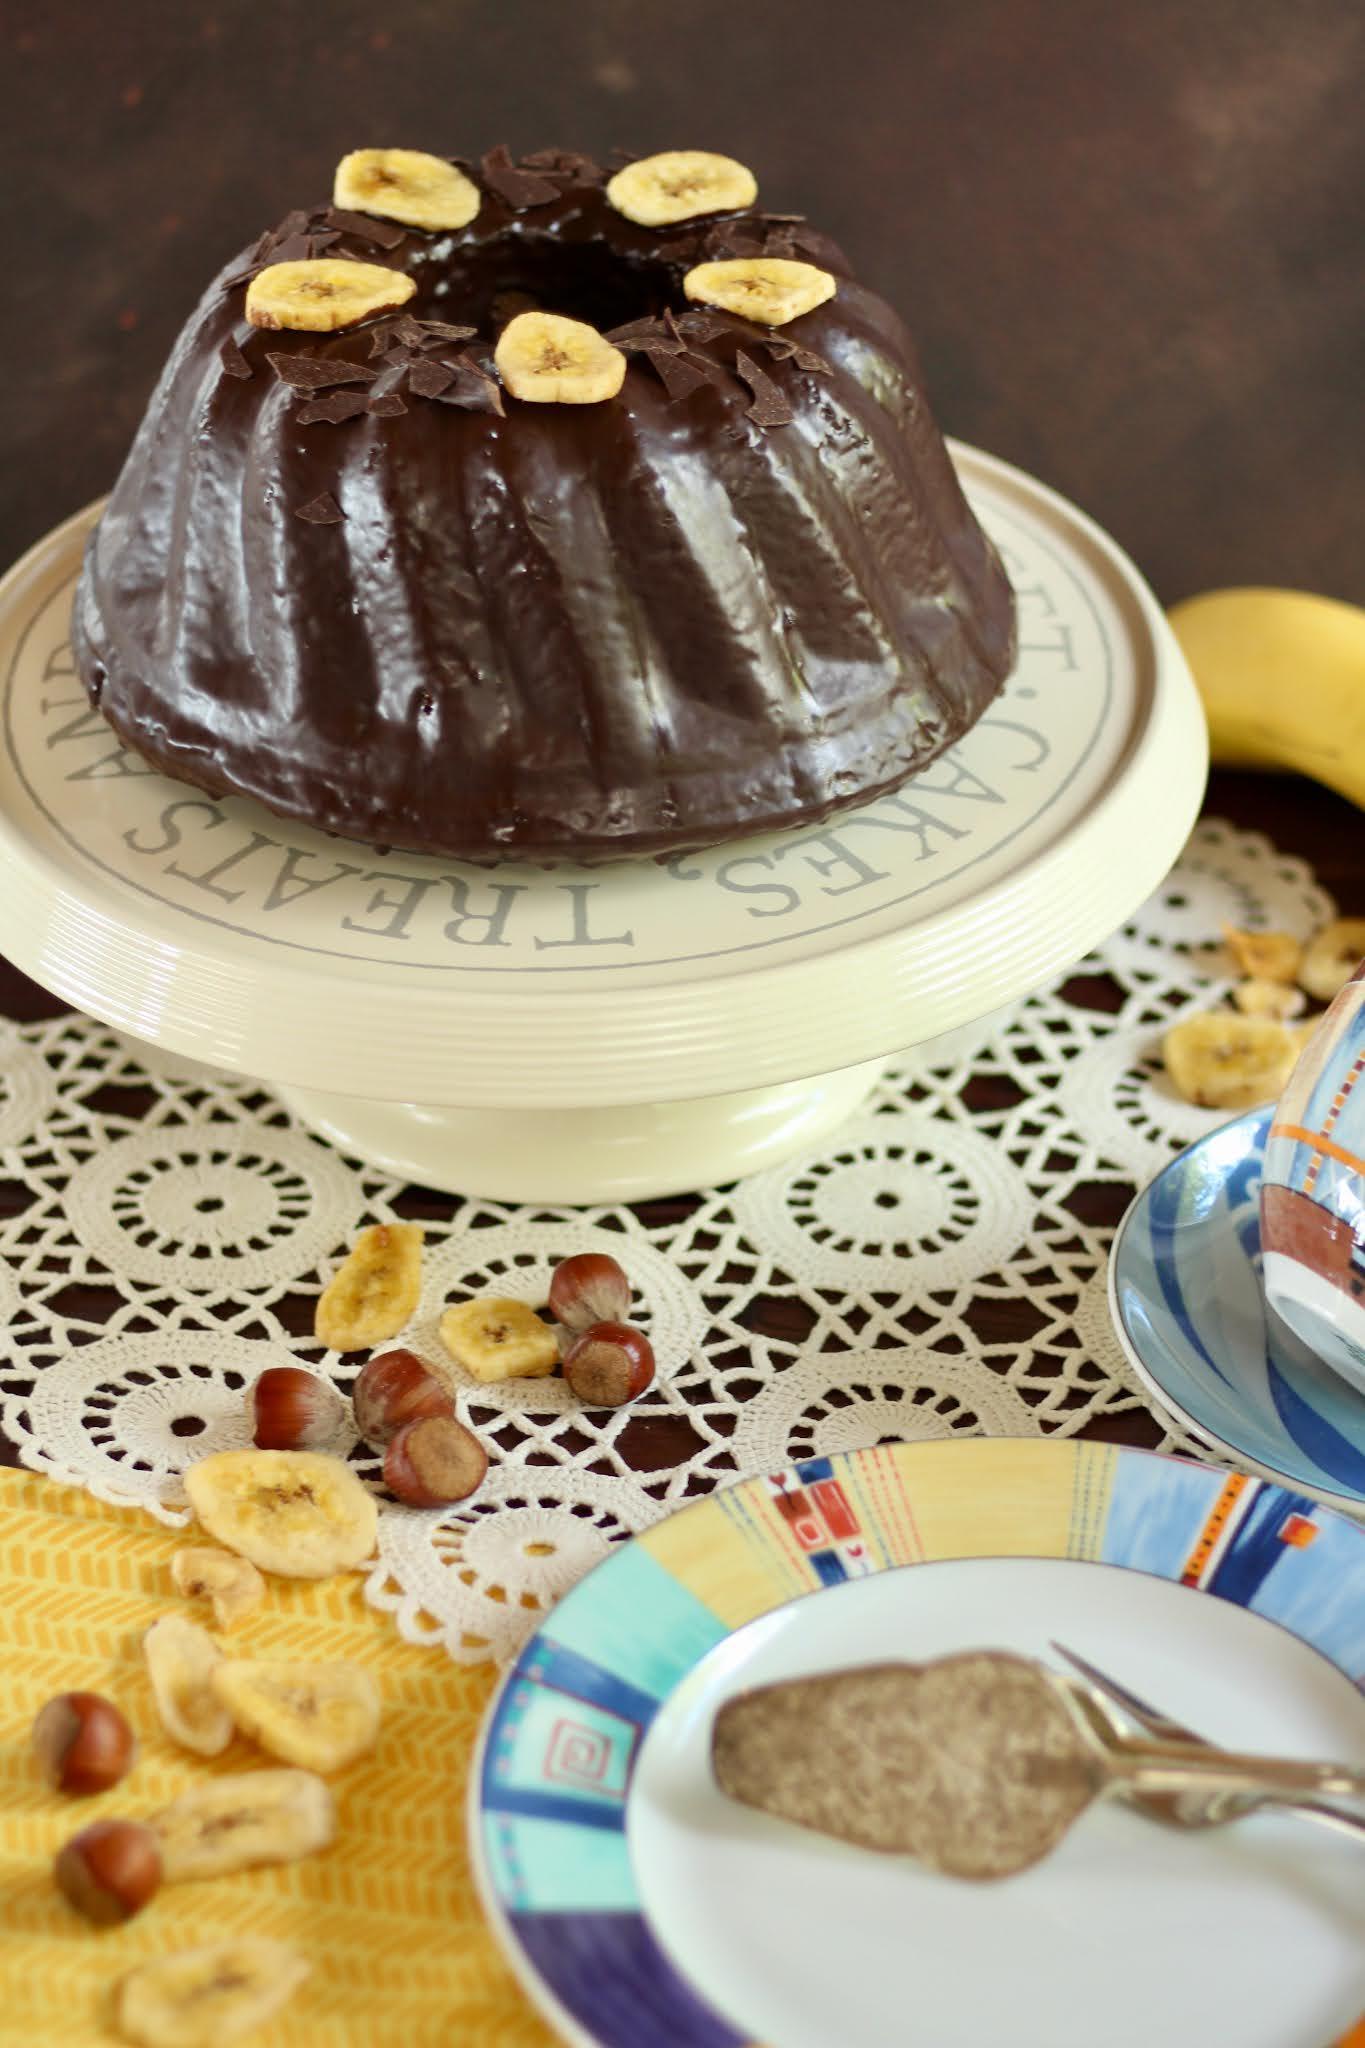 Saftiger Schoko-Bananen-Gugelhupf - super einfach und schnell - VEGAN | Rezept und Video von Sugarprincess